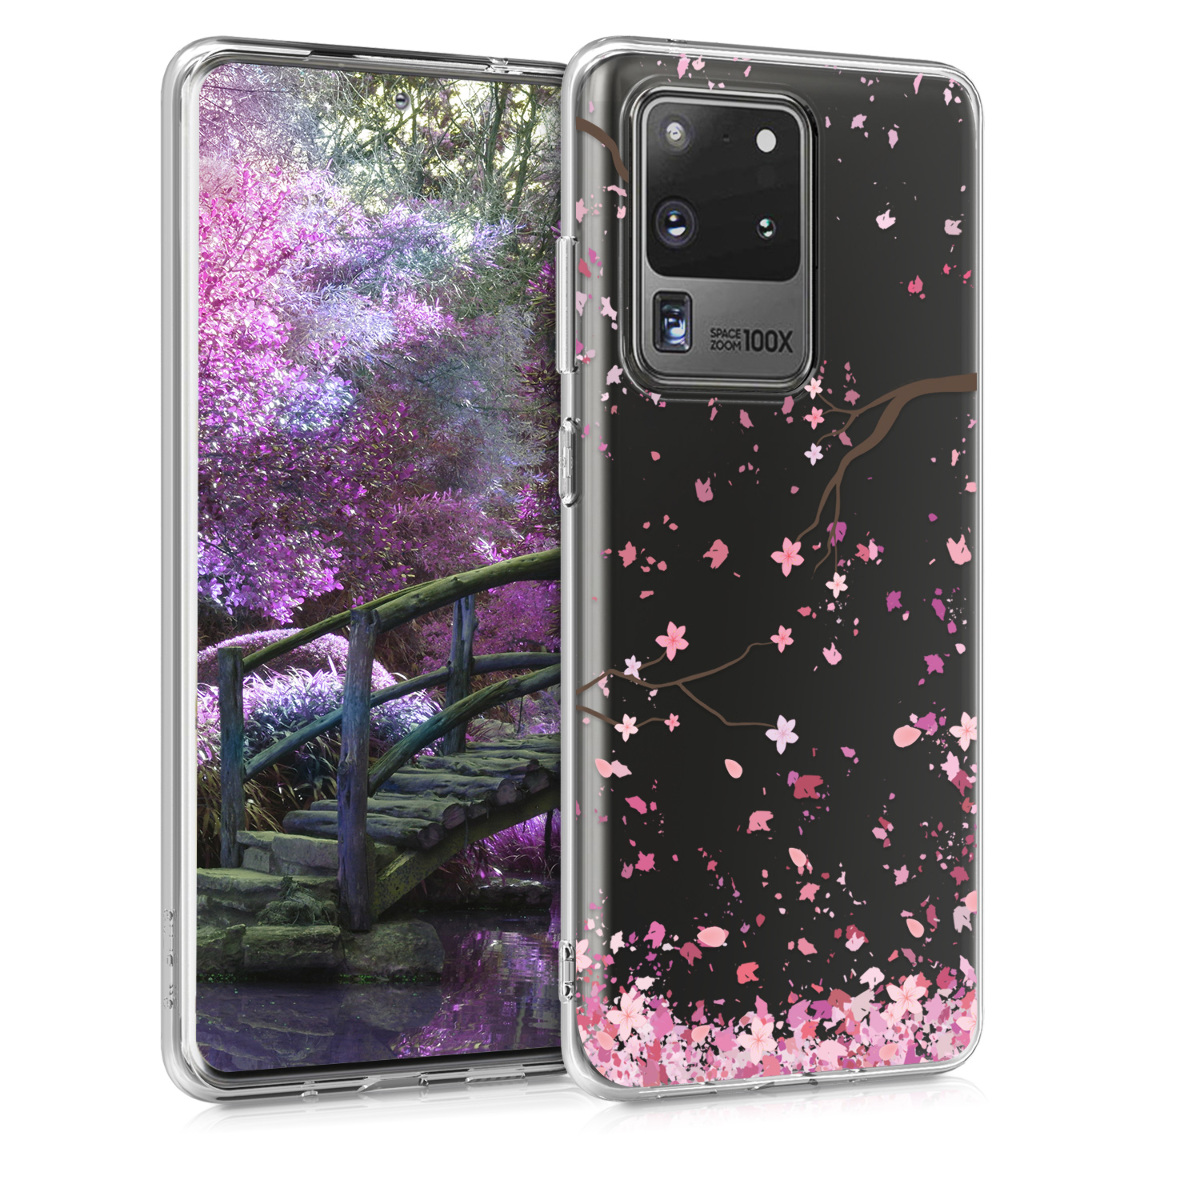 Silikonové pouzdro obal s motivem třešnových květů pro Samsung S20 Ultra